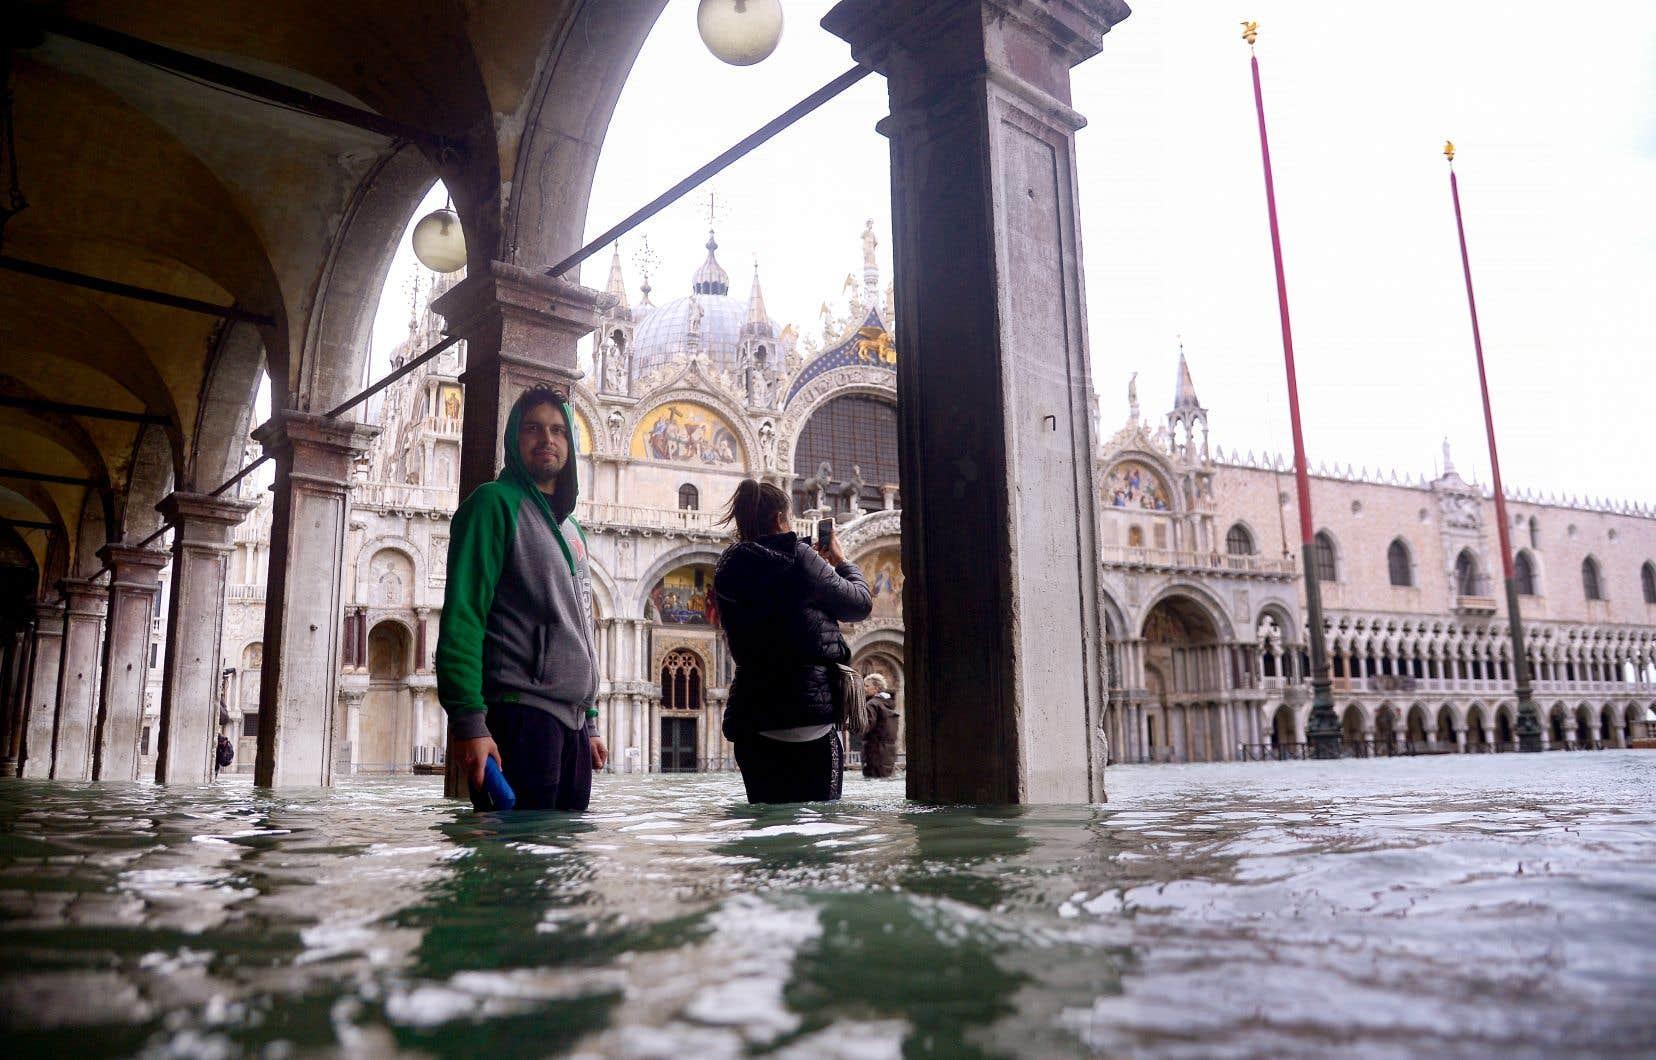 Certains jugent la situation des plus étranges:les touristes prennent des photos, mais la ville souffre.